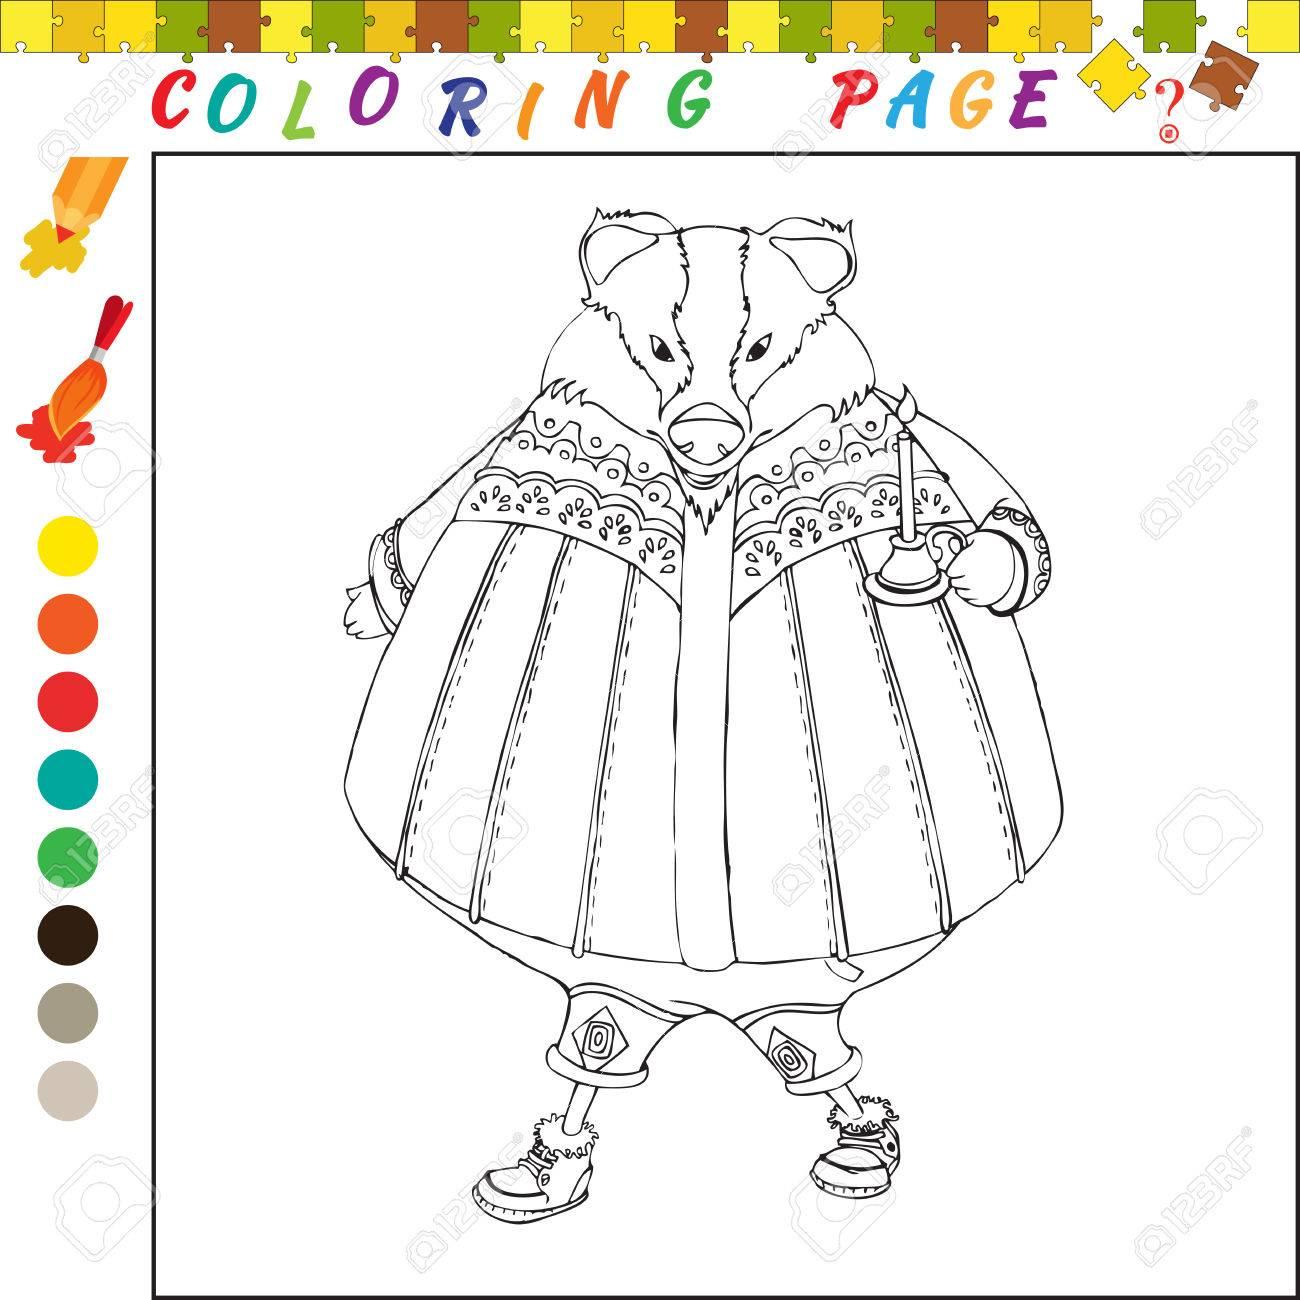 Coloriage Livre Avec Le Theme Des Animaux Noir Et Blanc Illustration De Contour Pour La Coloration Jeu Visuel Pour Les Enfants Et Les Enfants